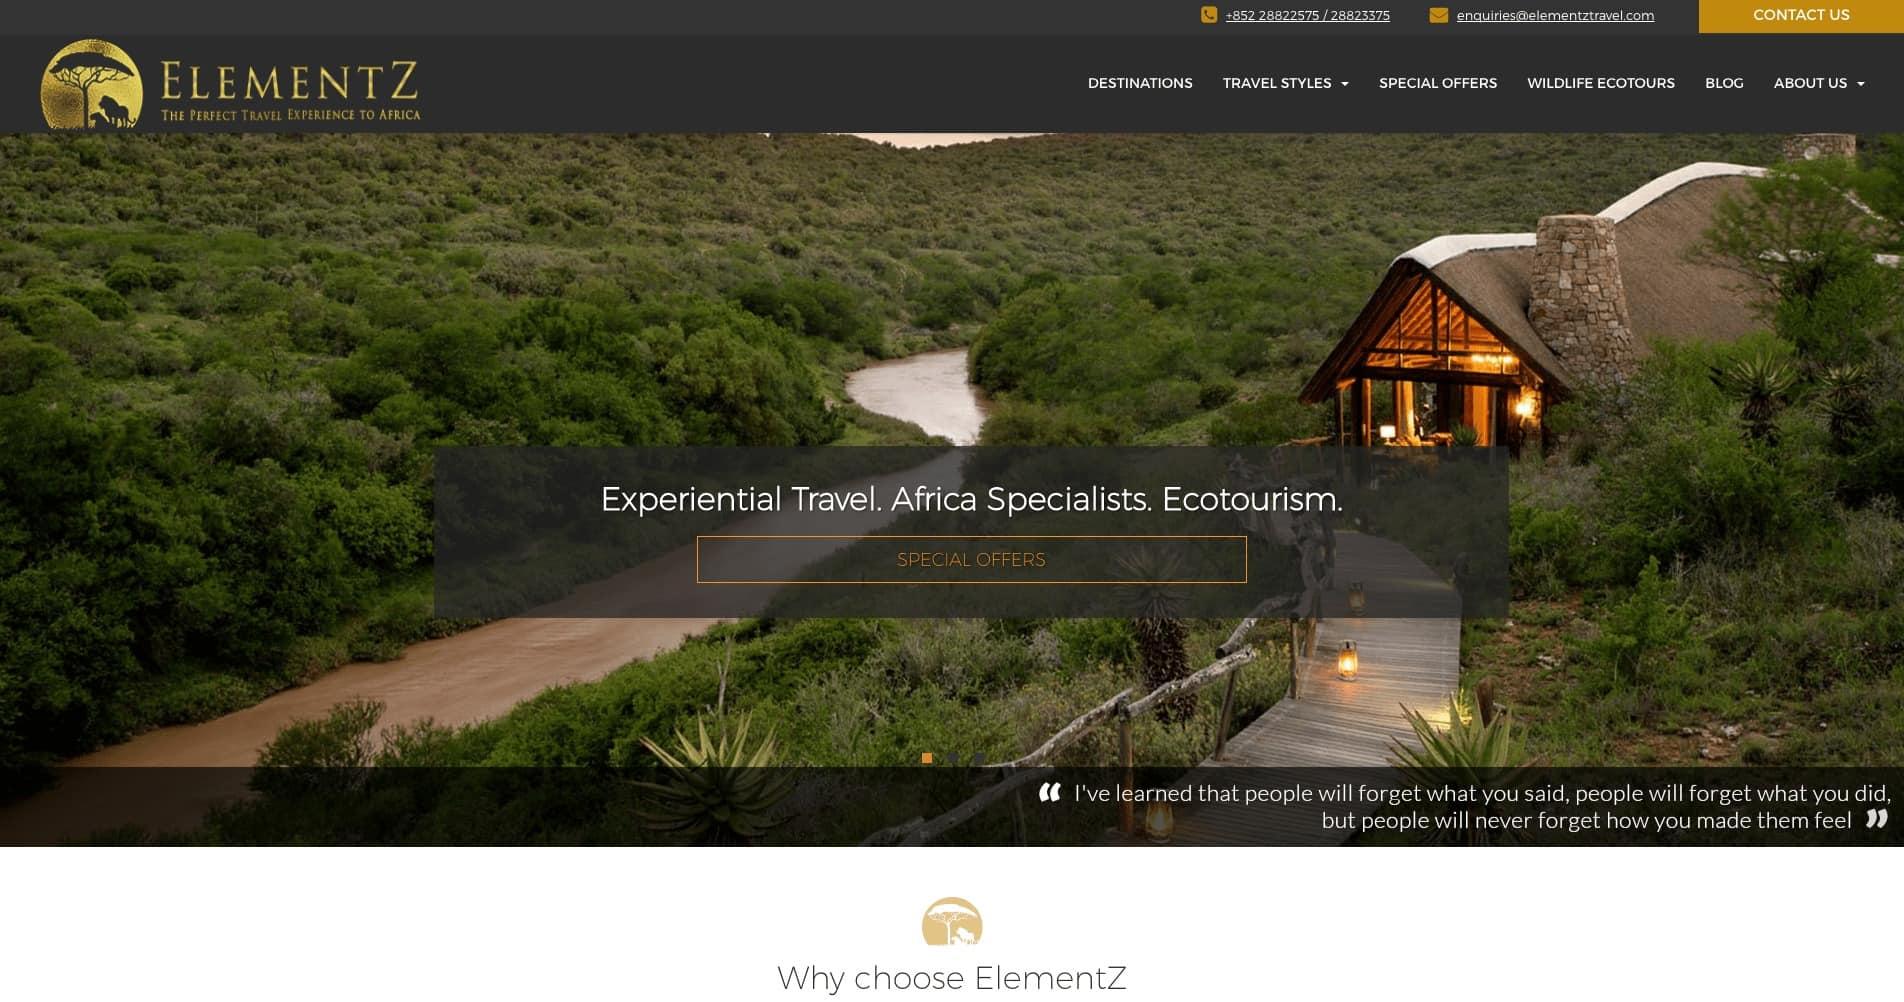 Elementz Travel